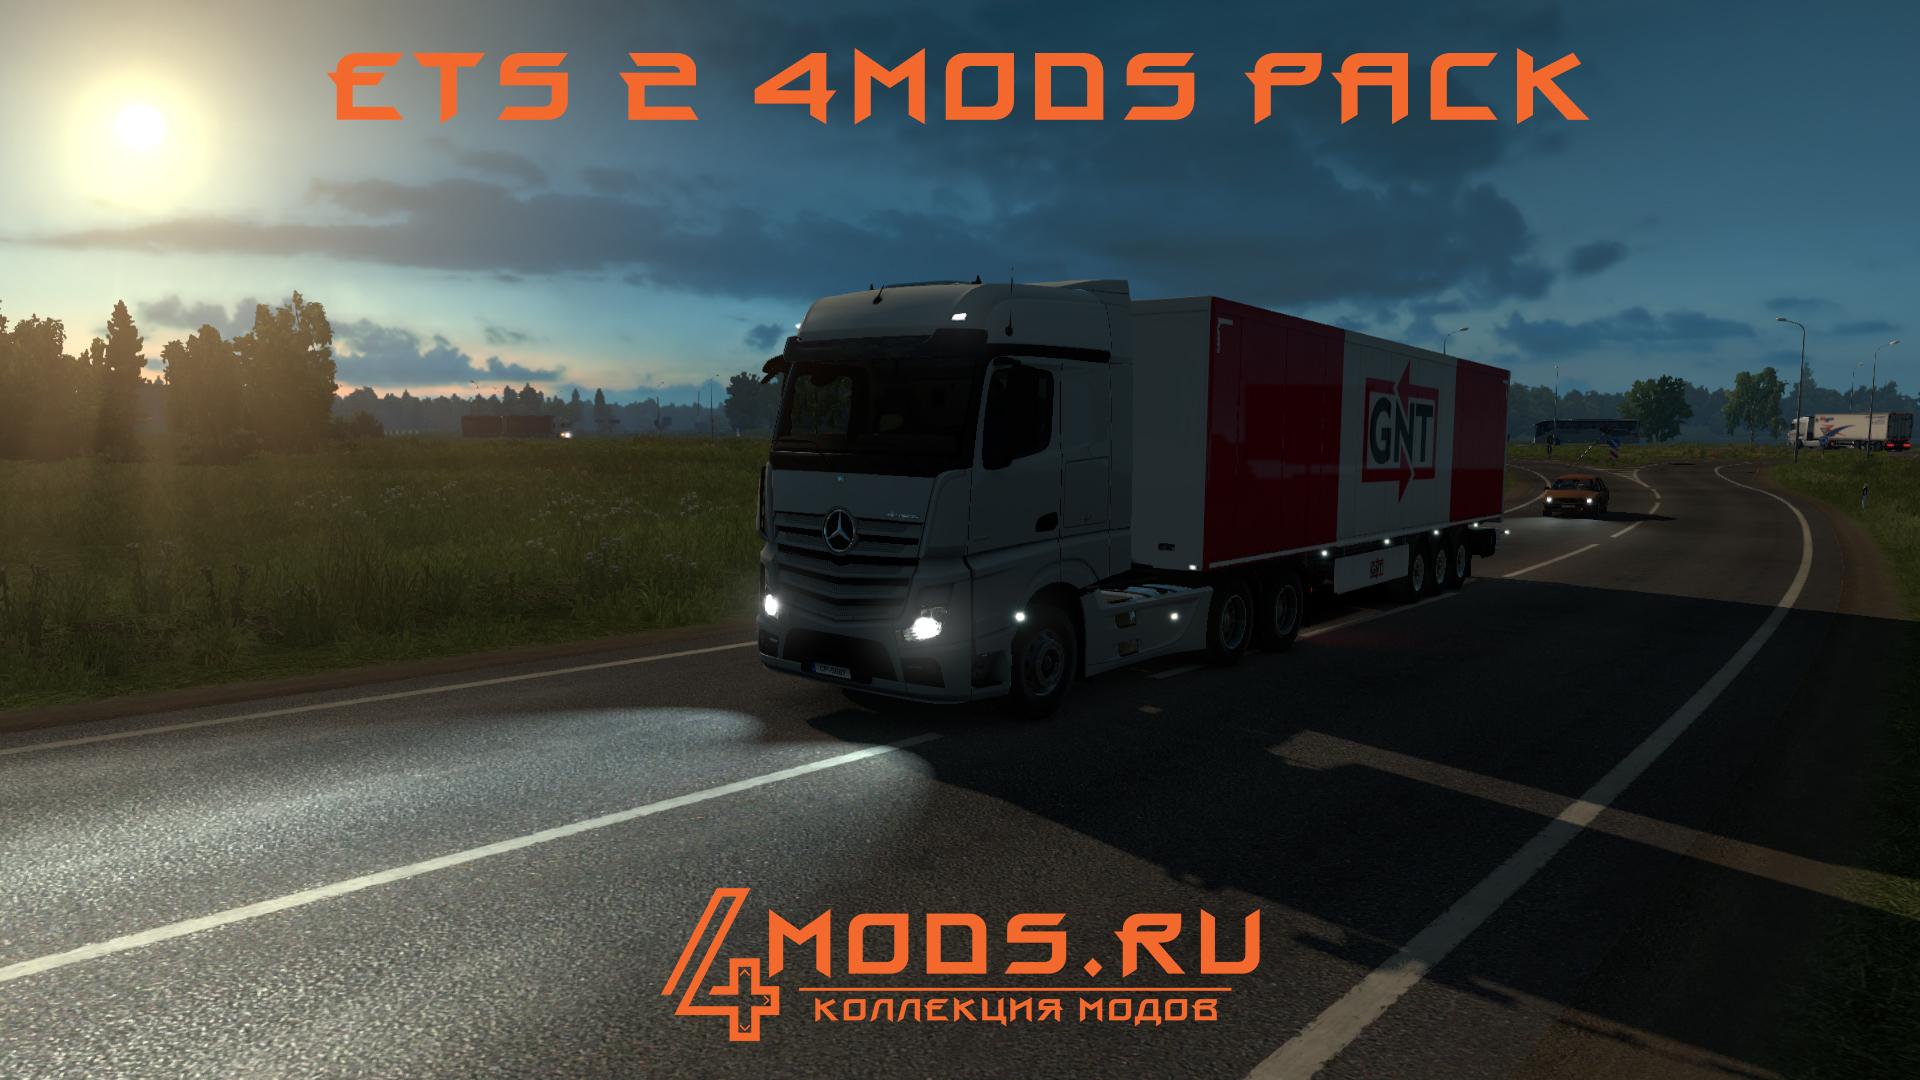 Сборка карт для ETS 2 (ETS 2 4Mods Pack)